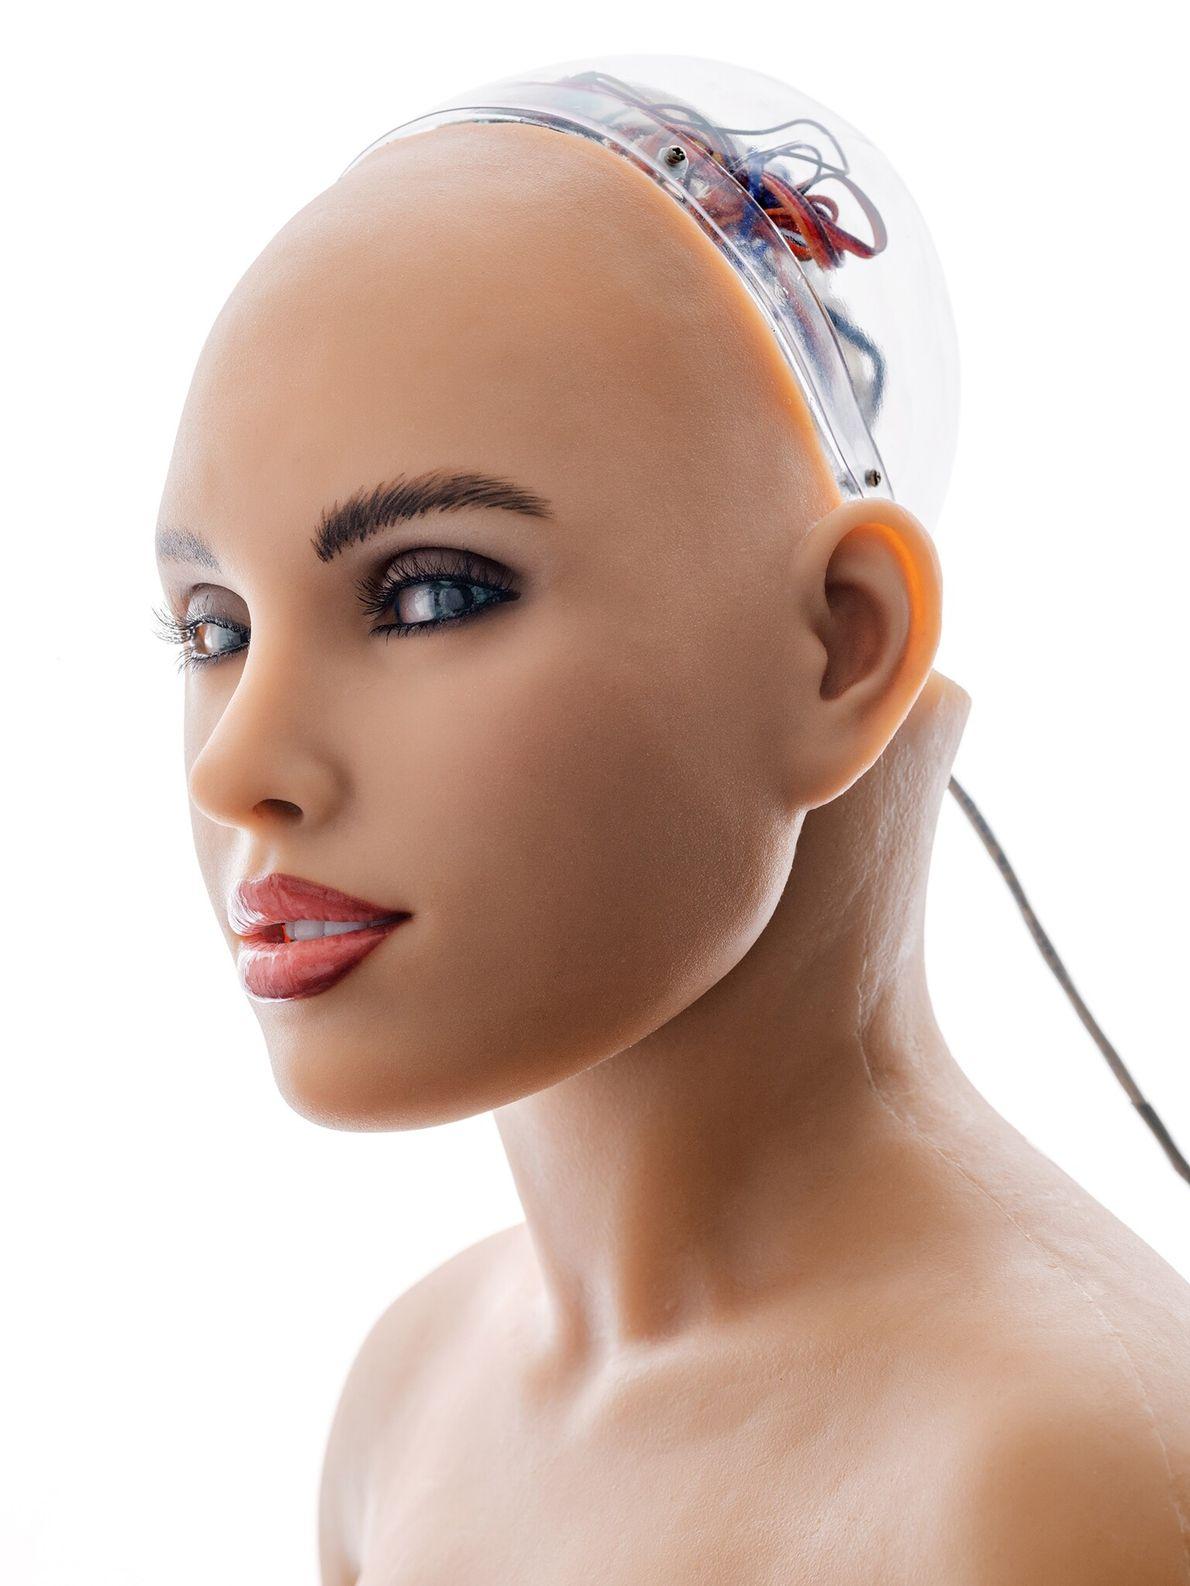 Alguns roboticistas criam máquinas que imitam e se assemelham a humanos até mesmo nos menores detalhes. ...